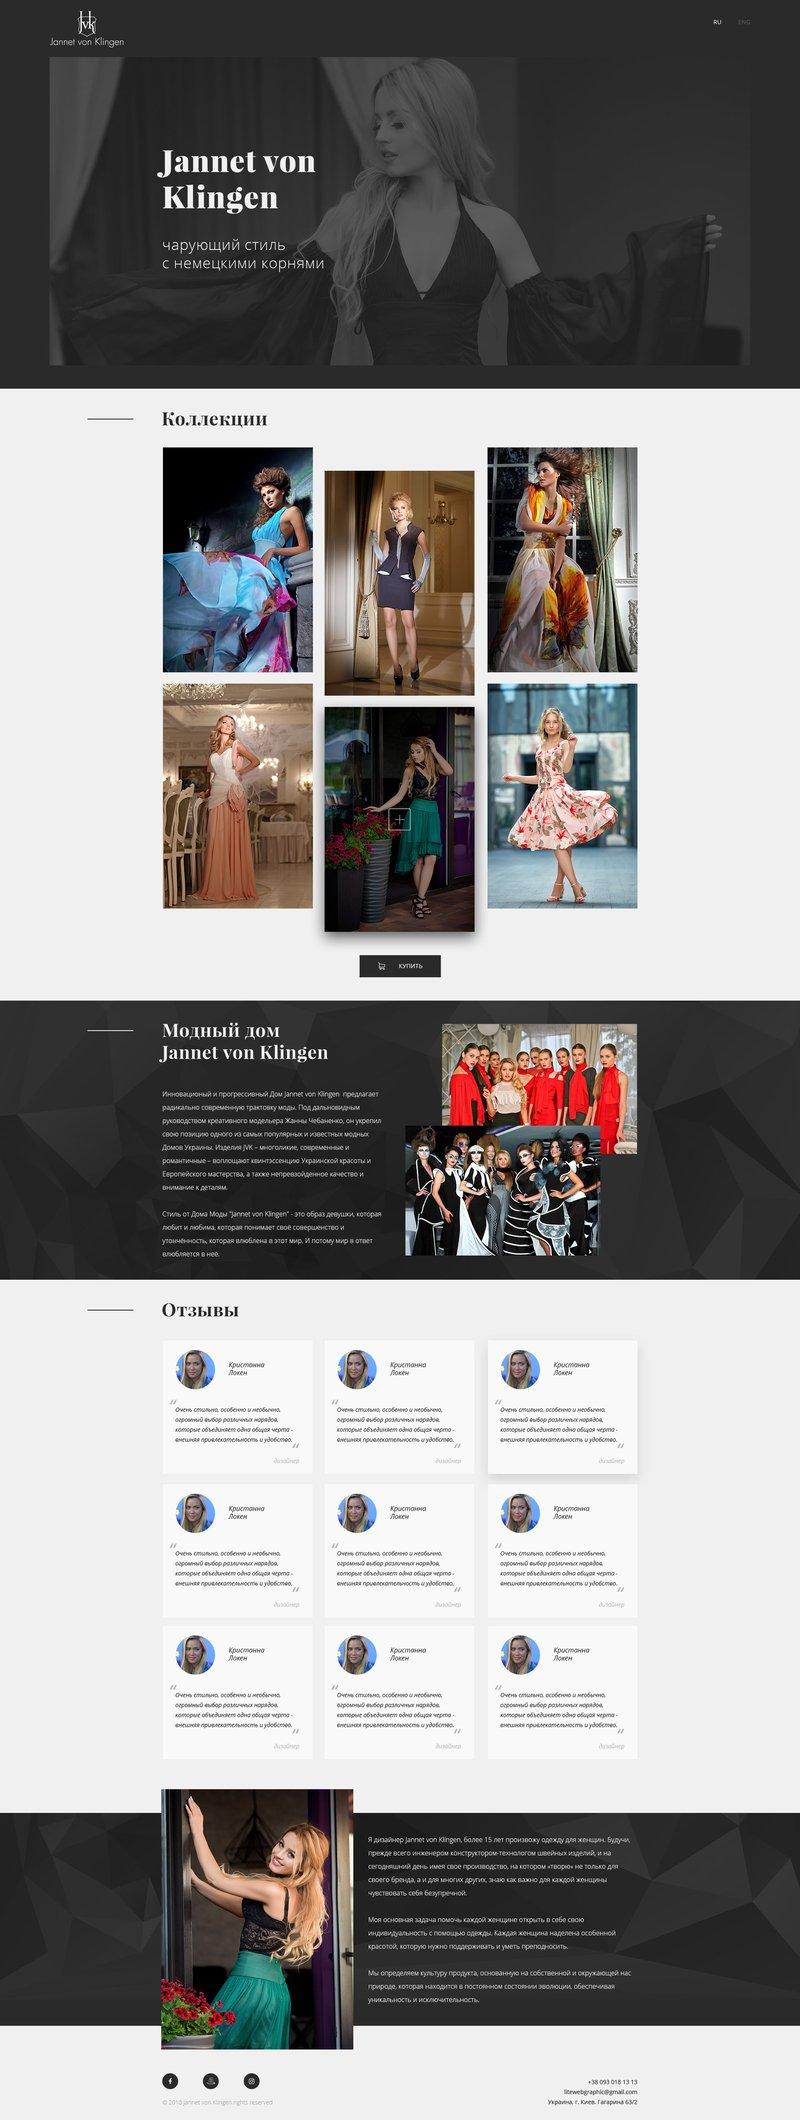 Дизайн сайта для JvK – работа в портфолио фрилансера